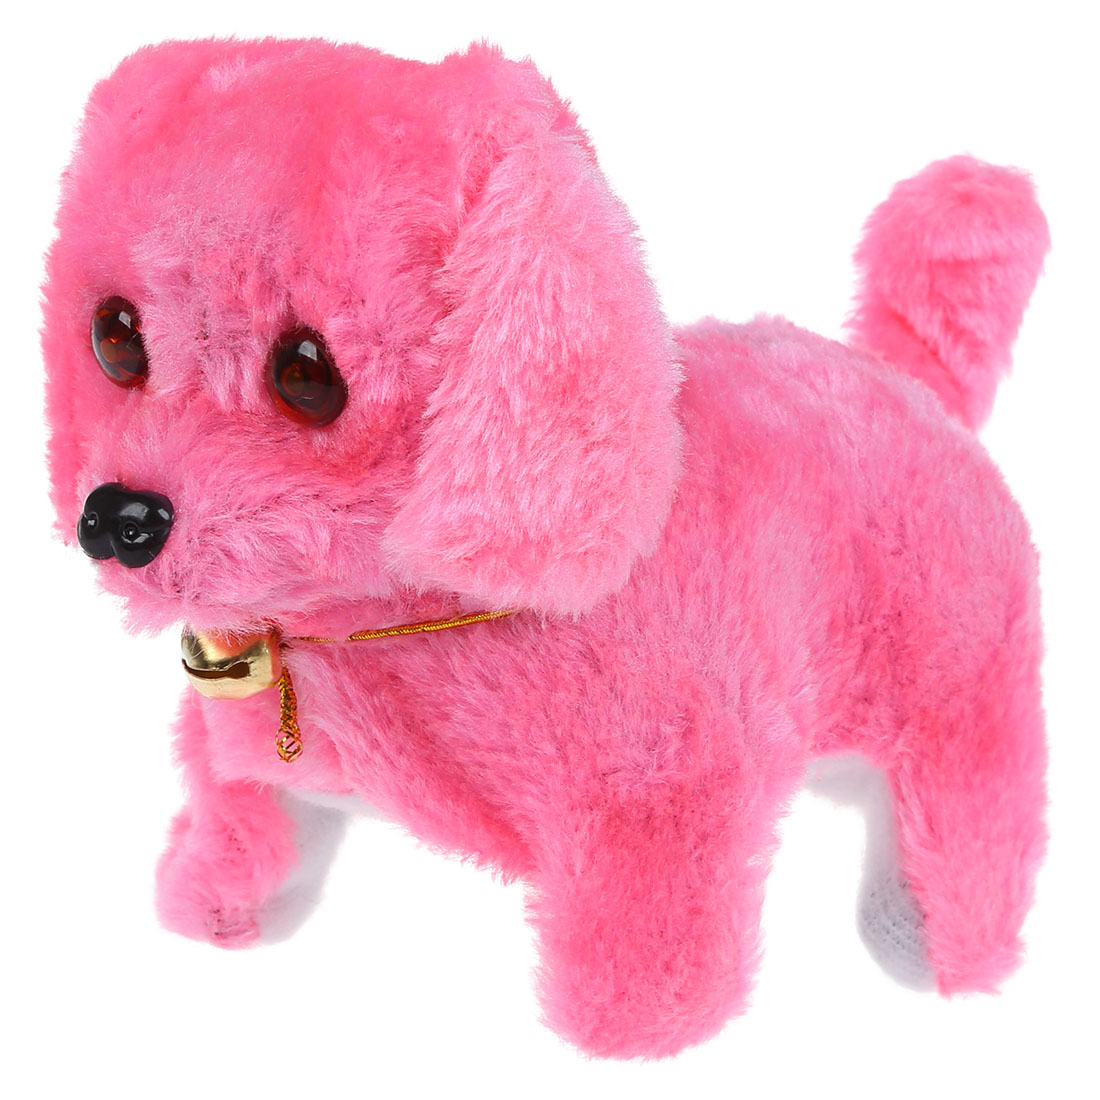 Pink Dog Toy : Sa pink plush neck bell walking barking electronic dog toy